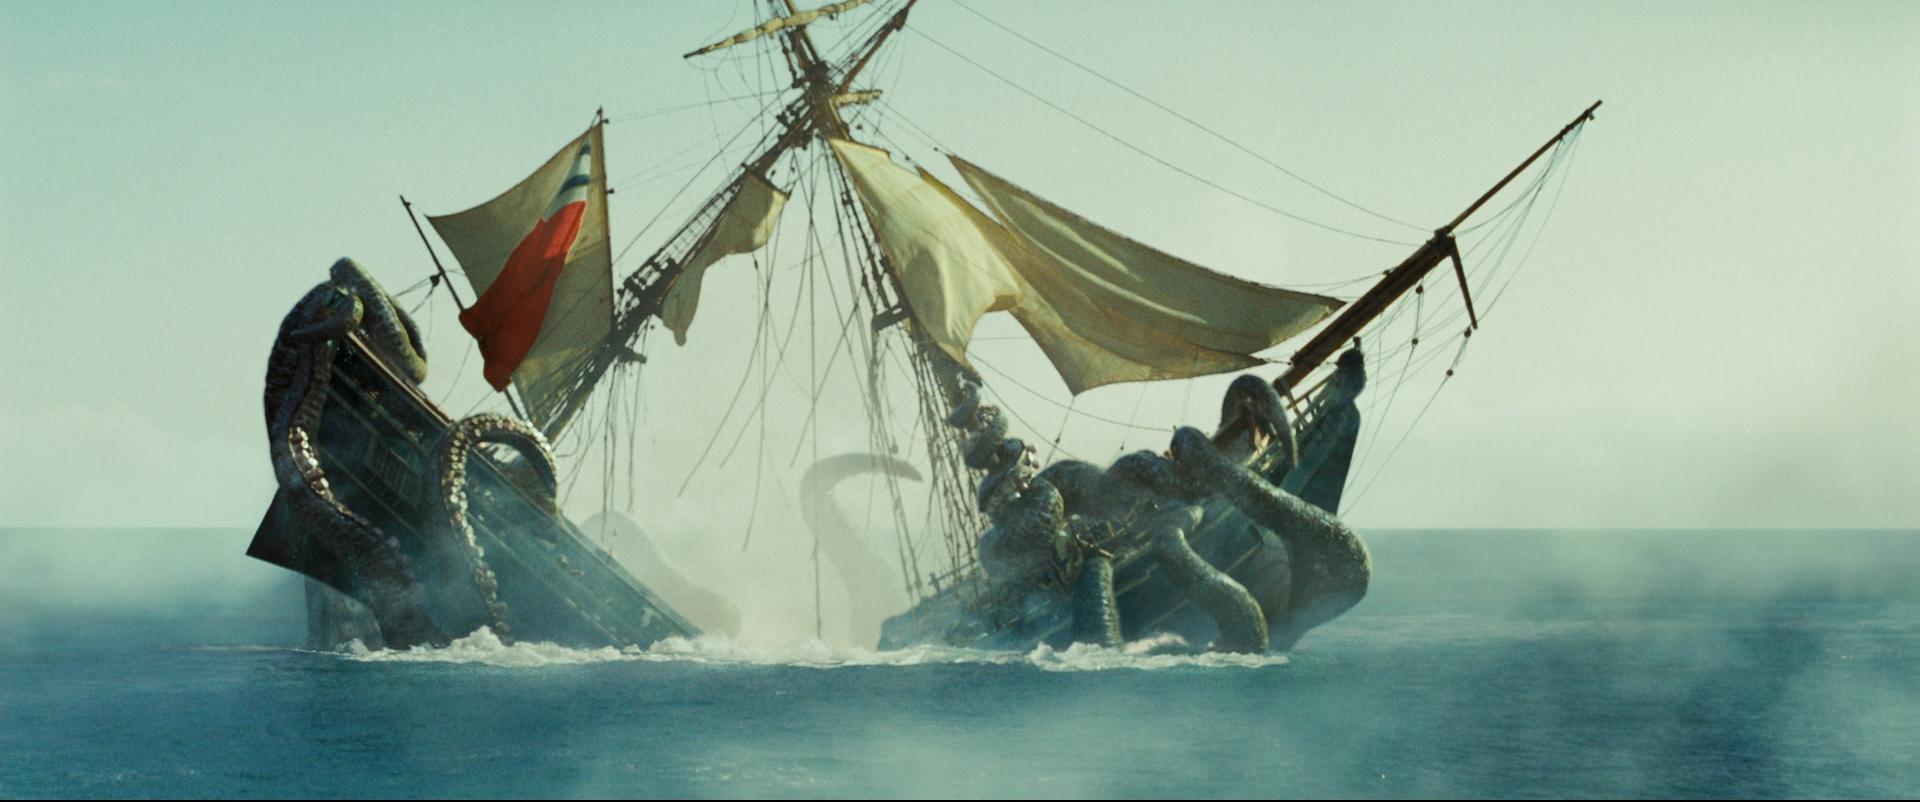 картинки пираты карибского моря кракен